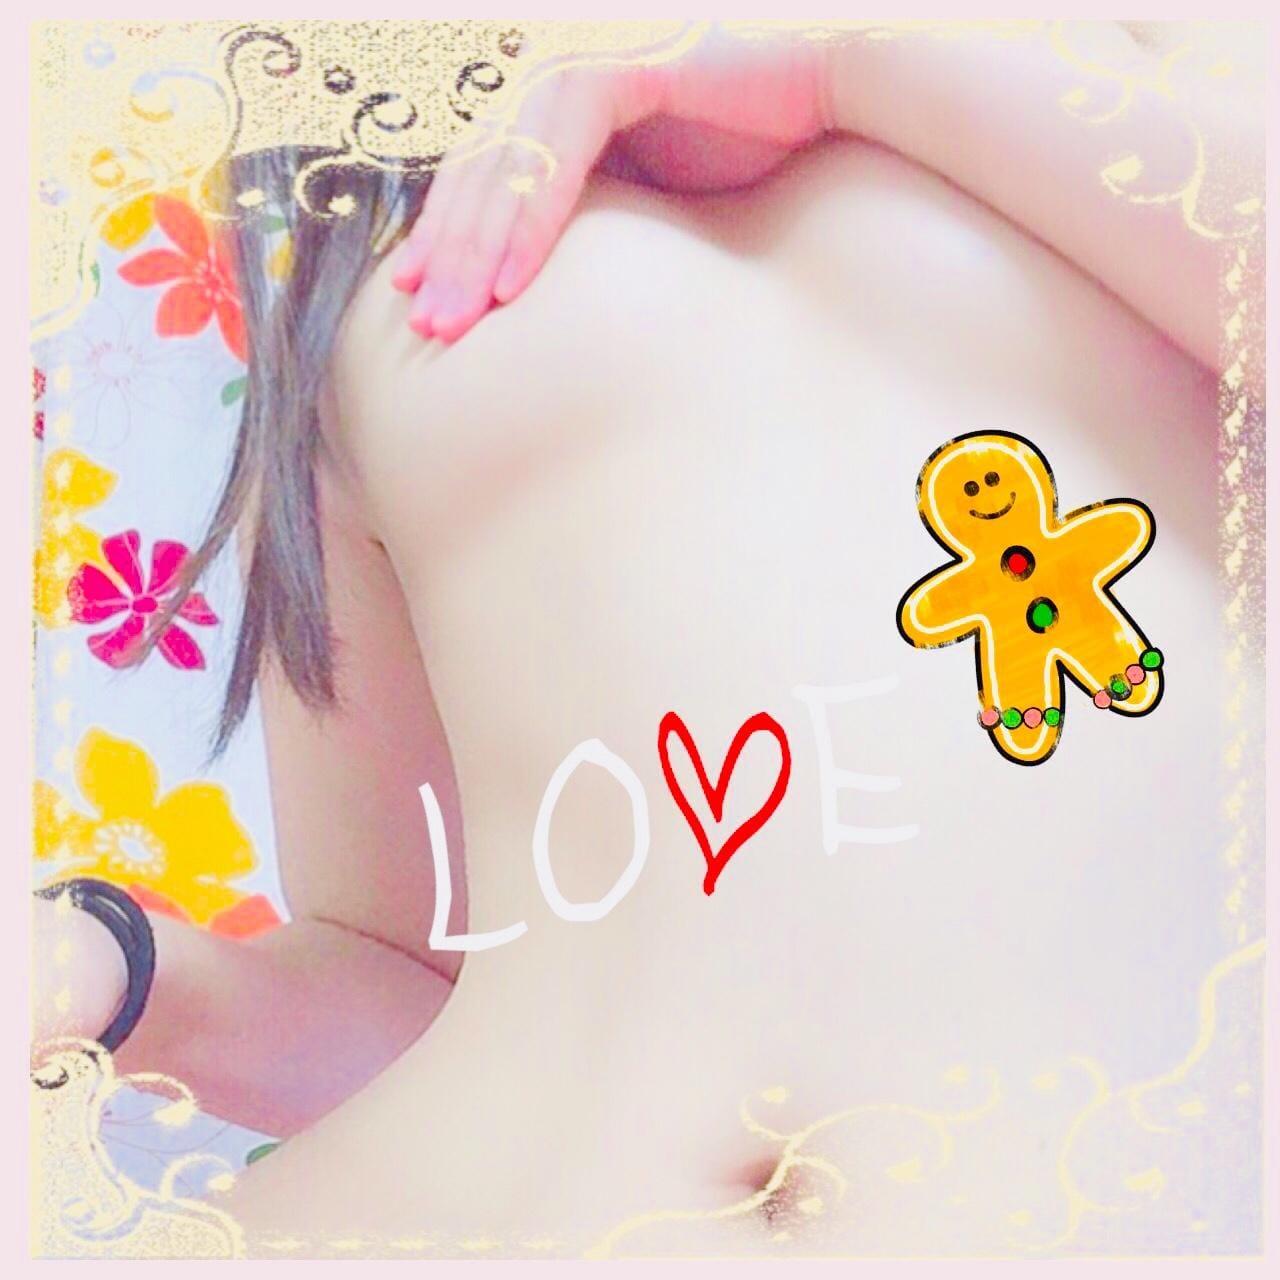 「●●の香り」12/13日(木) 02:30 | もえの写メ・風俗動画